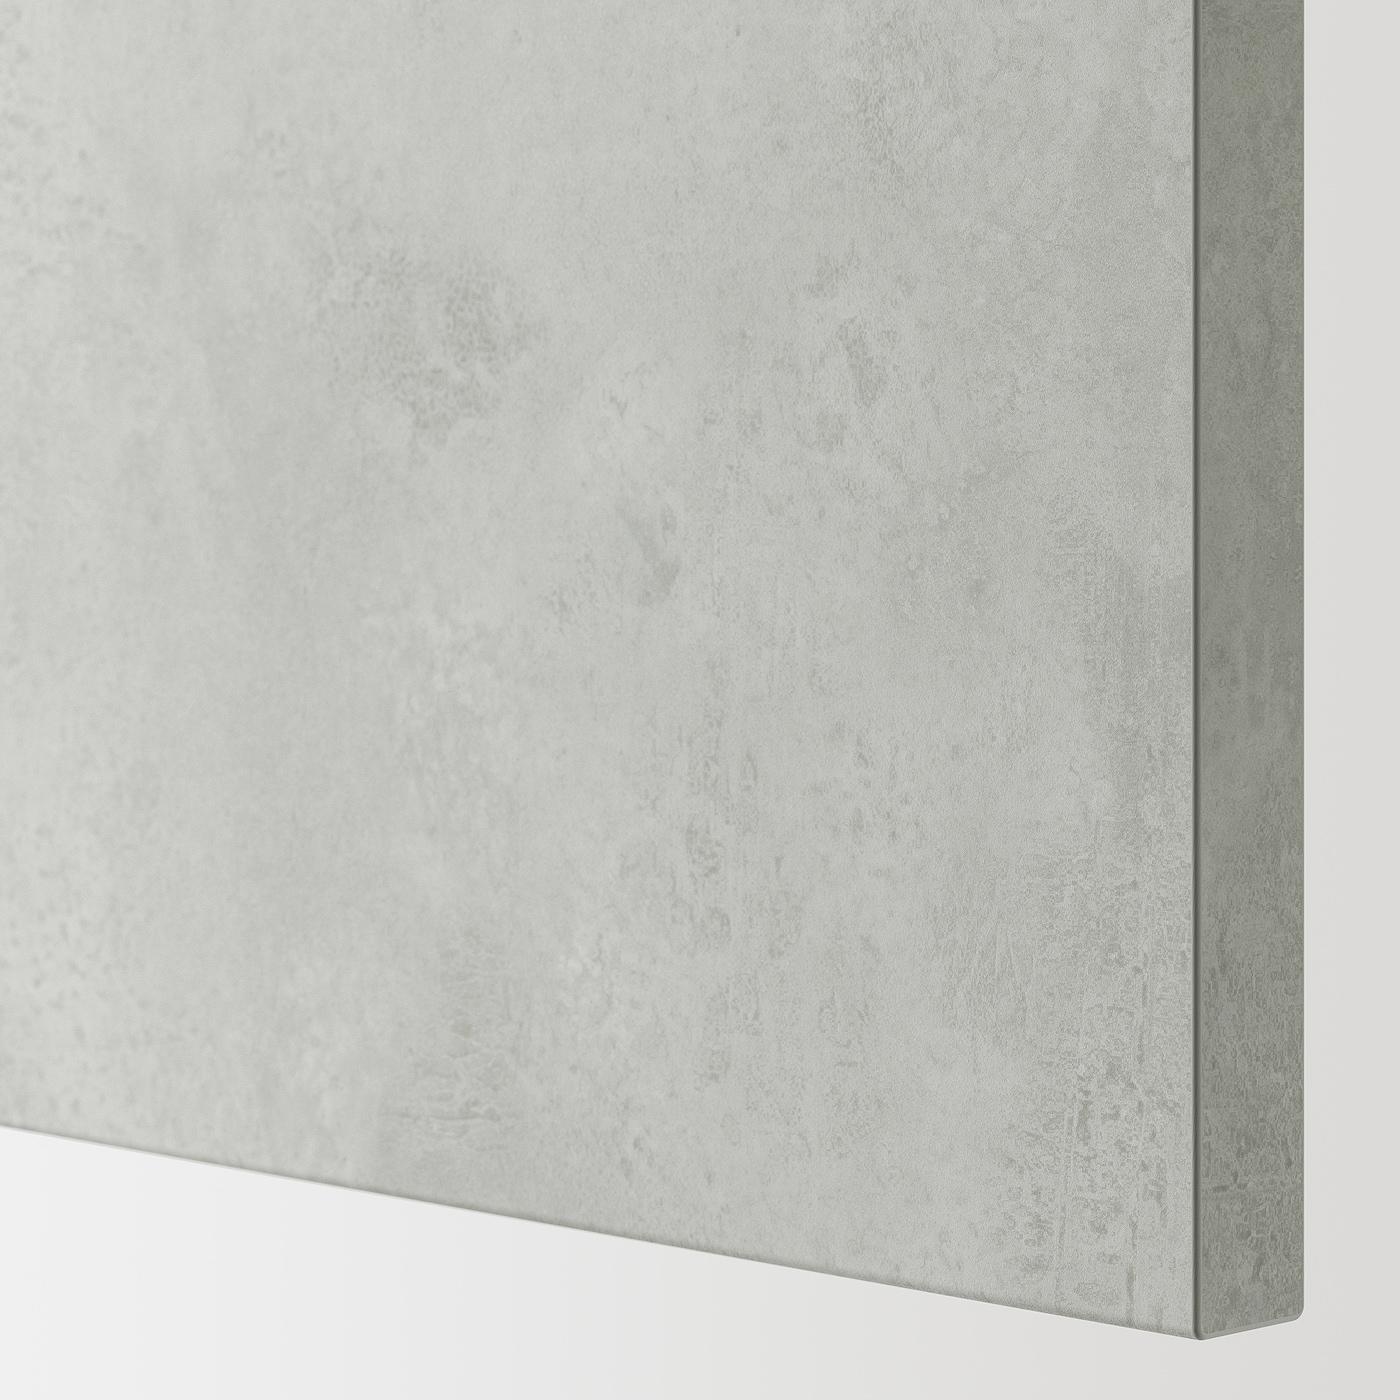 ENHET خزانة علوية مع 4 أرفف/باب, أبيض/تأثيرات ماديّة., 30x32x180 سم